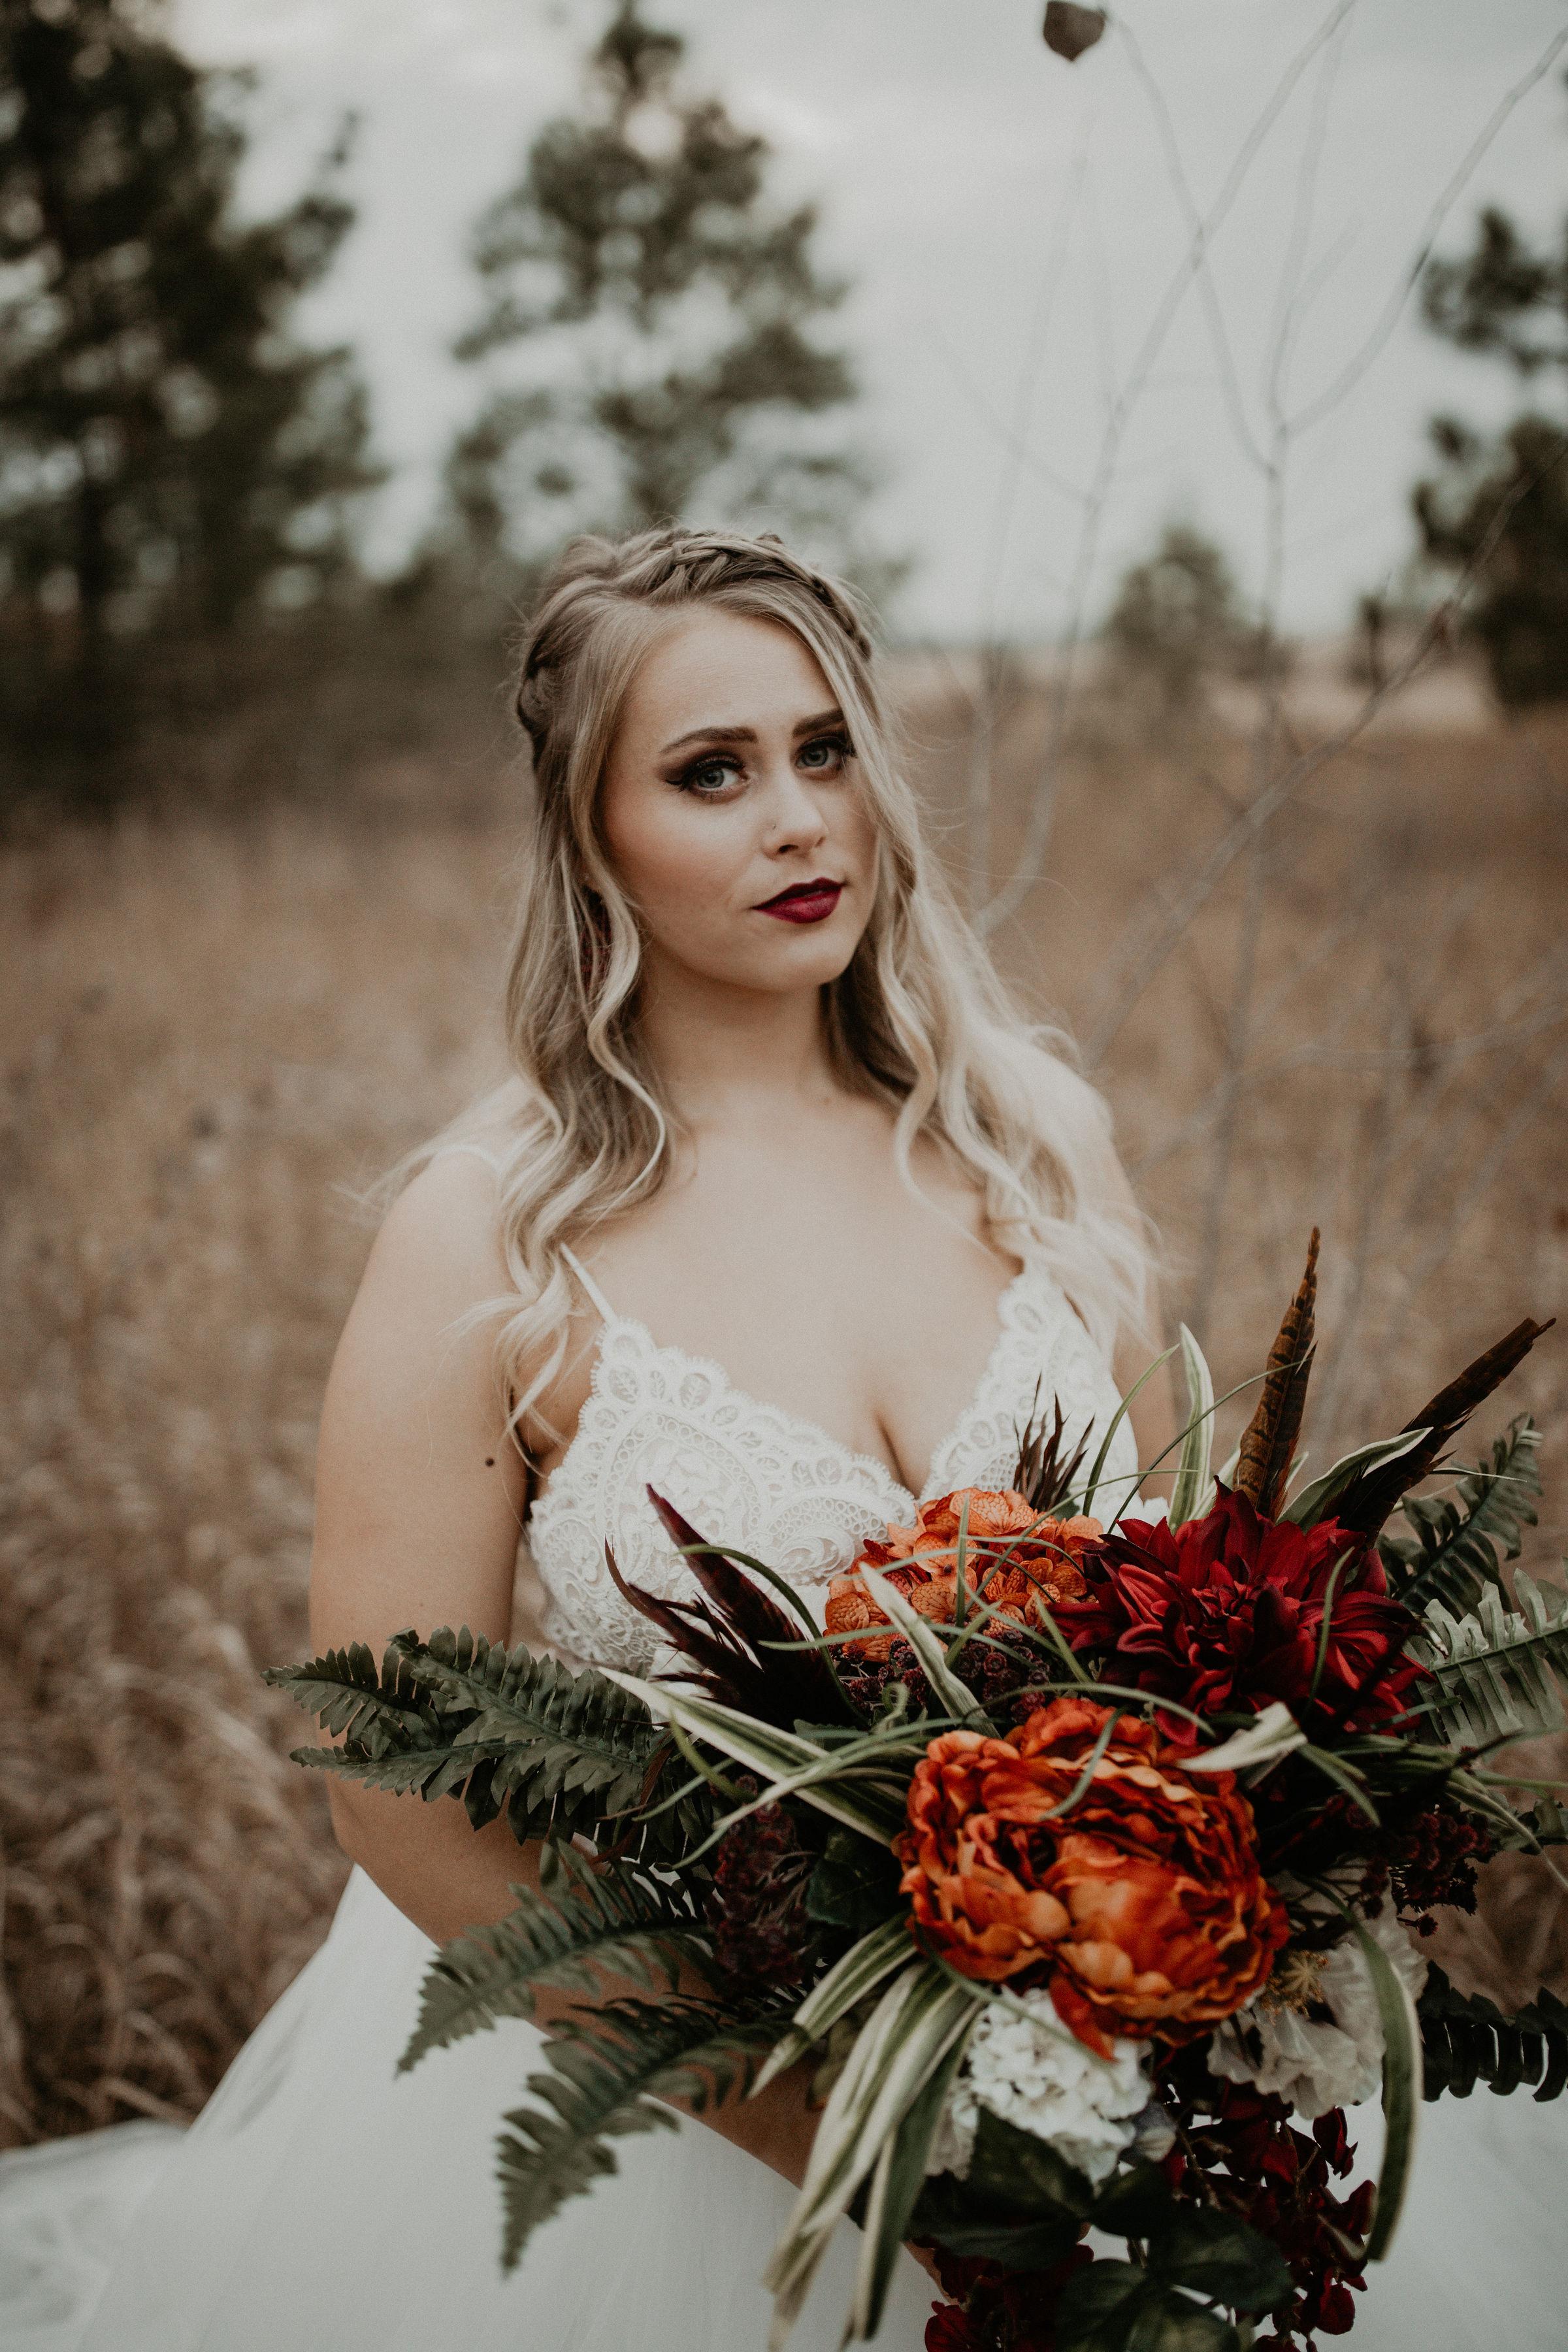 Fall floral bridal shoot